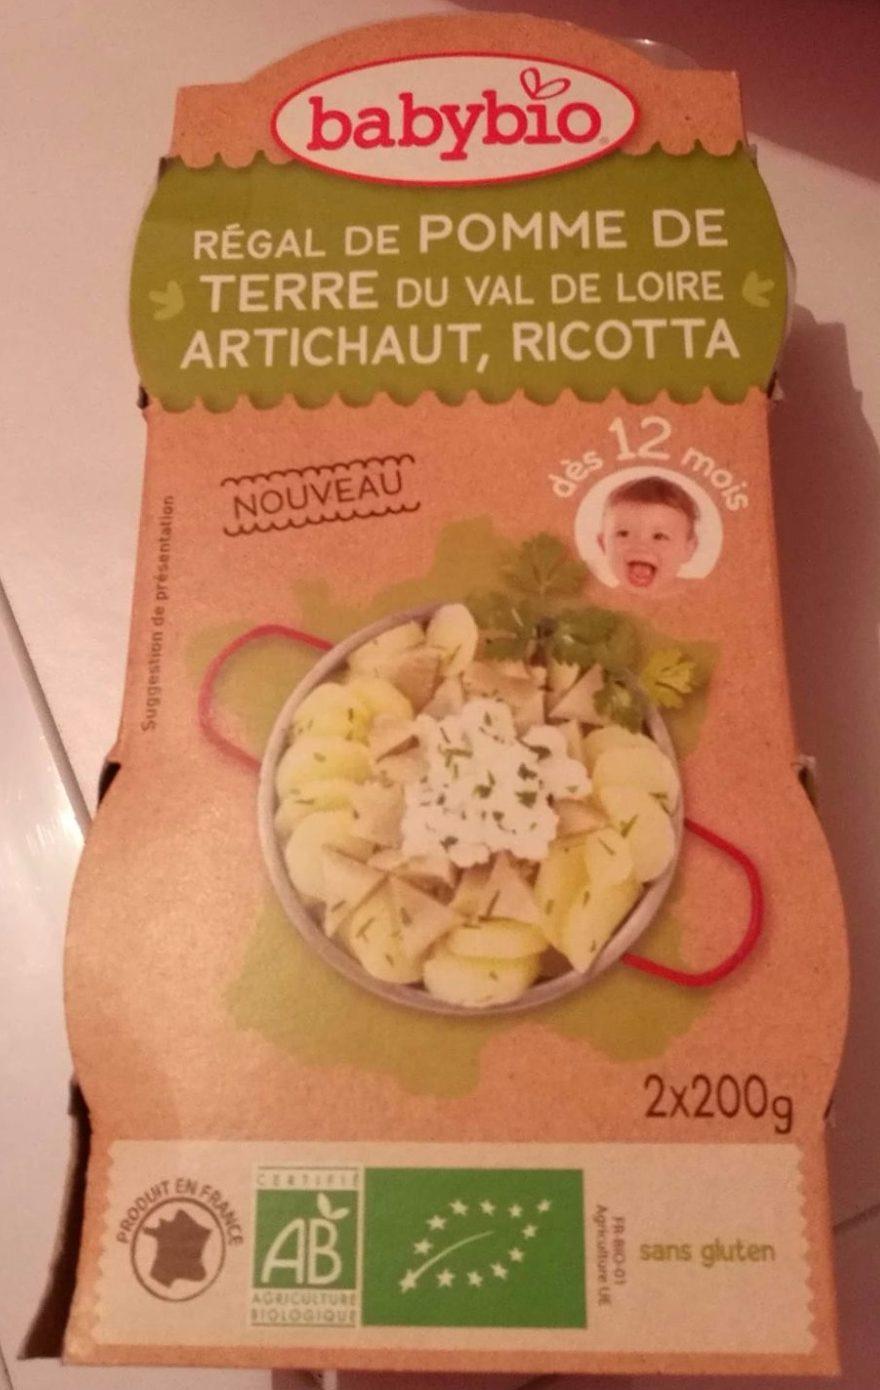 Régal de Pomme de Terre du Val de Loire, Artichaut, Ricotta - Product